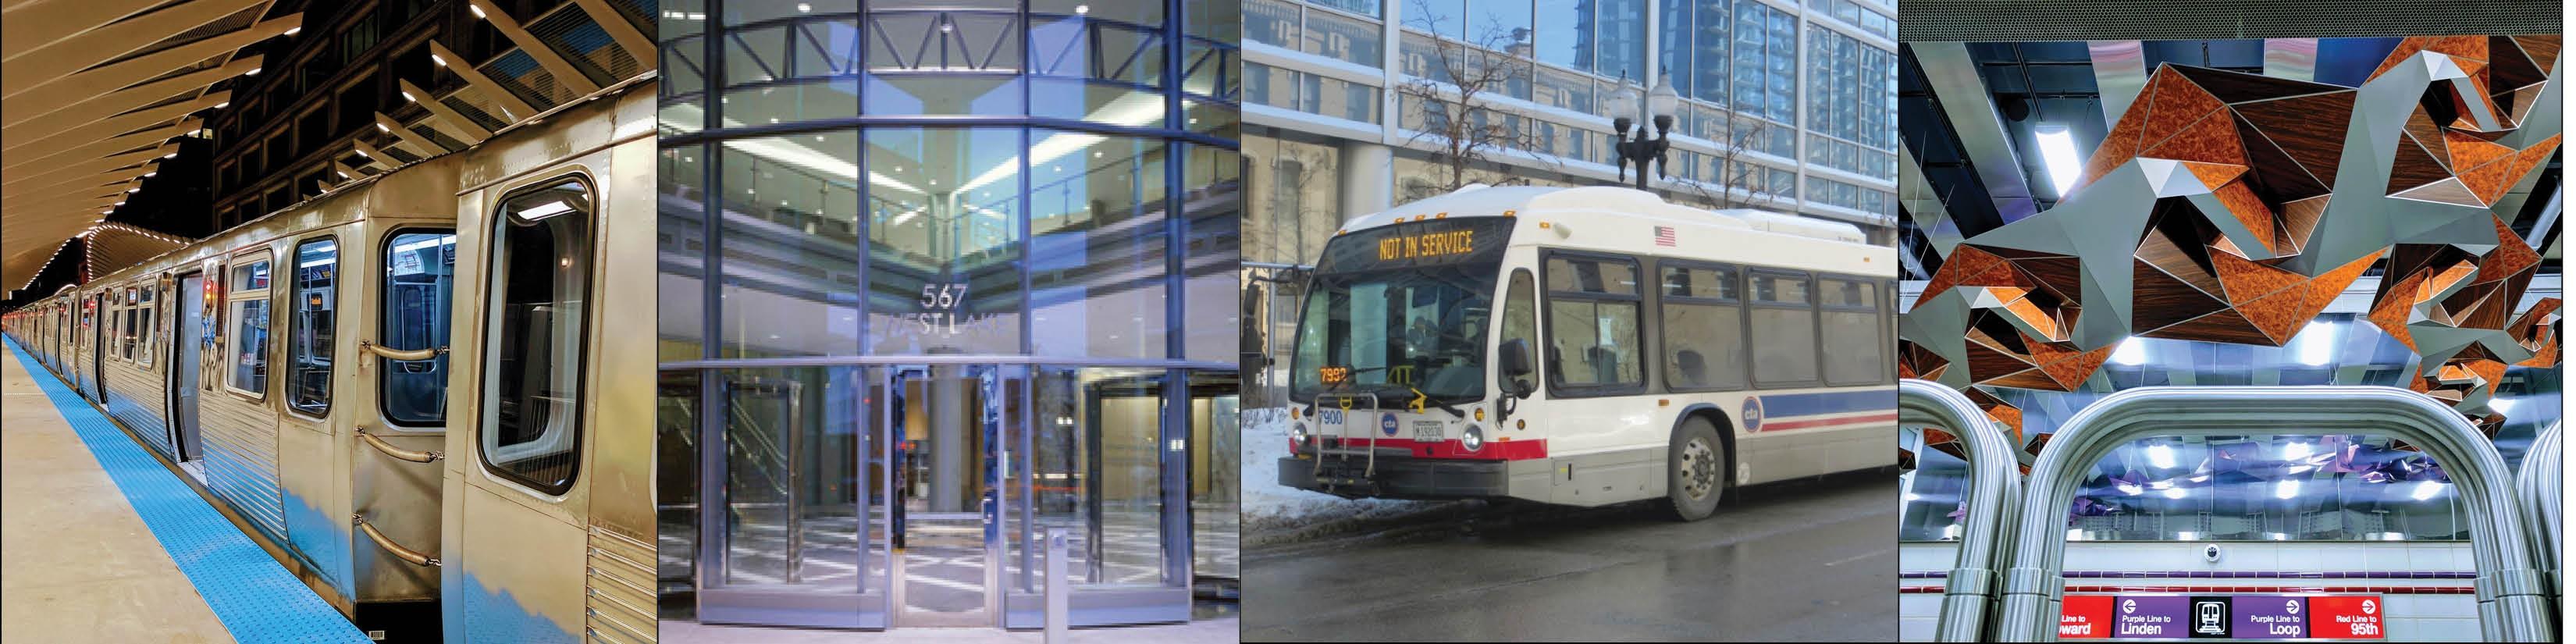 Chicago Transit Authority | LinkedIn